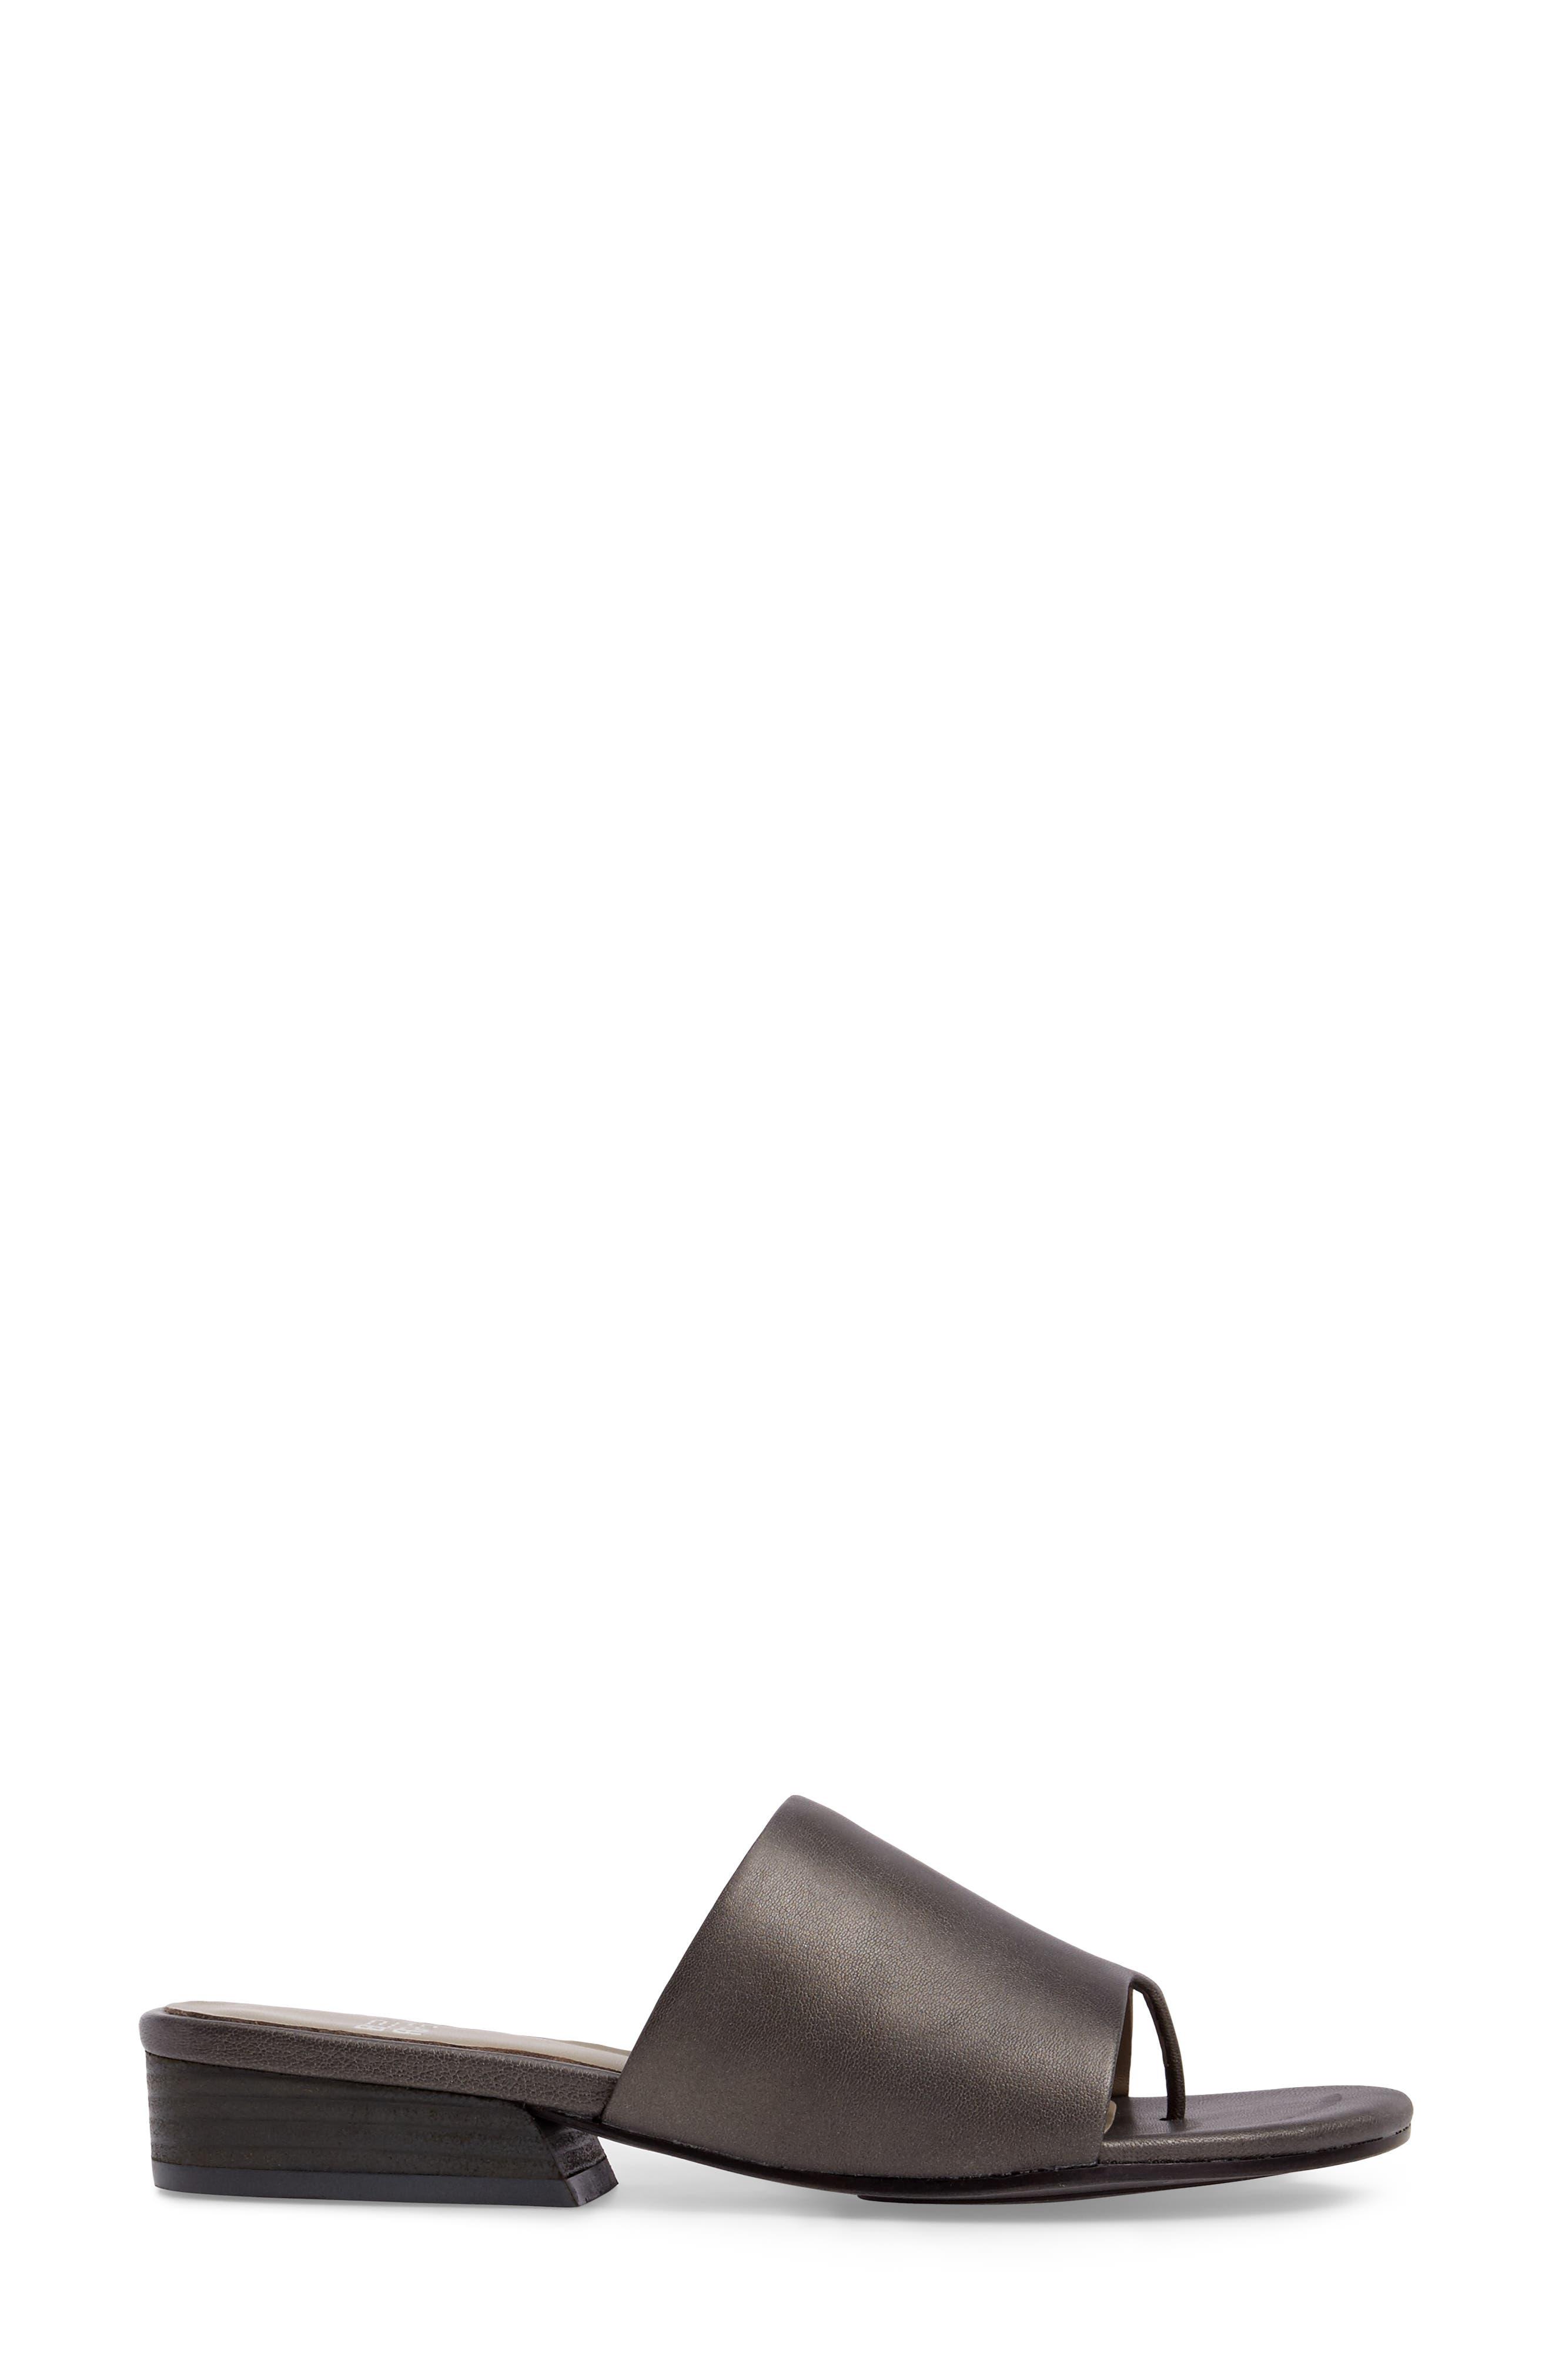 Beal Slide Sandal,                             Alternate thumbnail 3, color,                             050